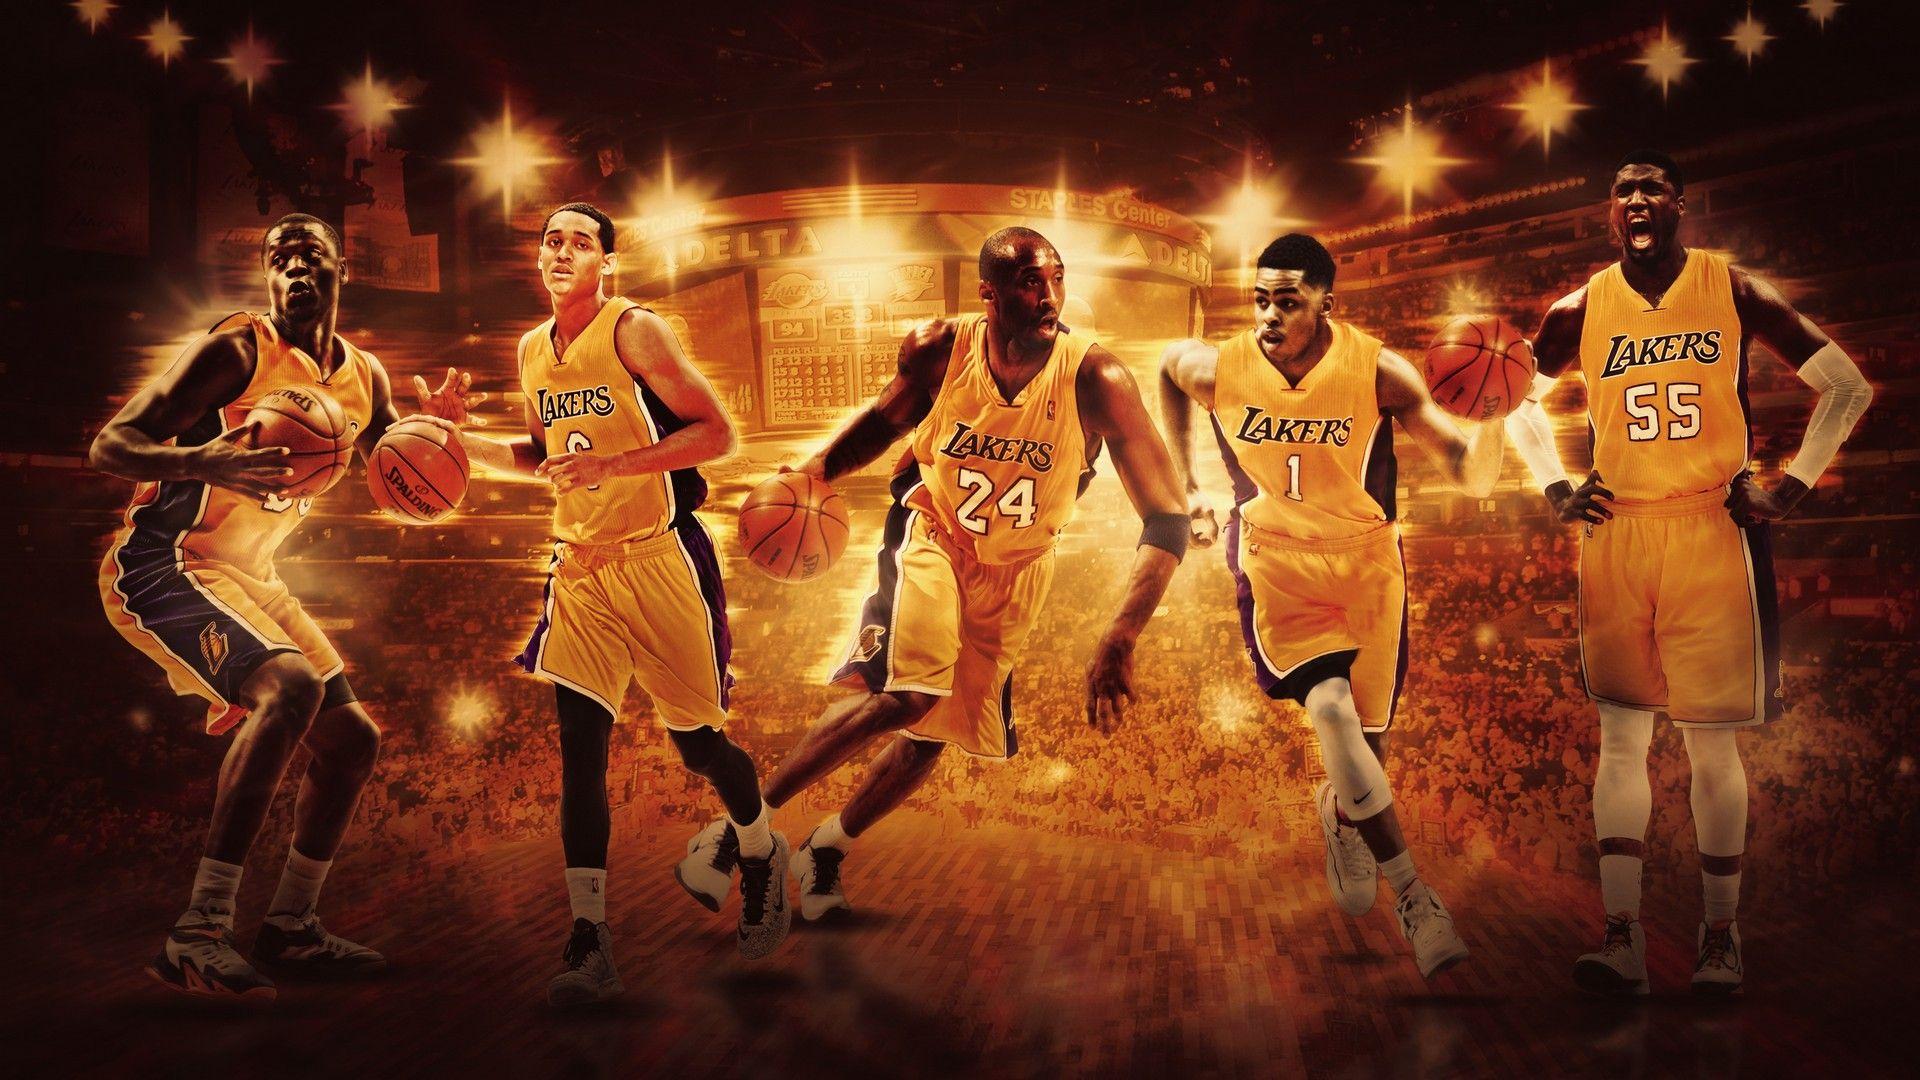 James Harden Desktop Wallpaper Desktop Wallpaper James Harden Basketball Wallpapers Hd